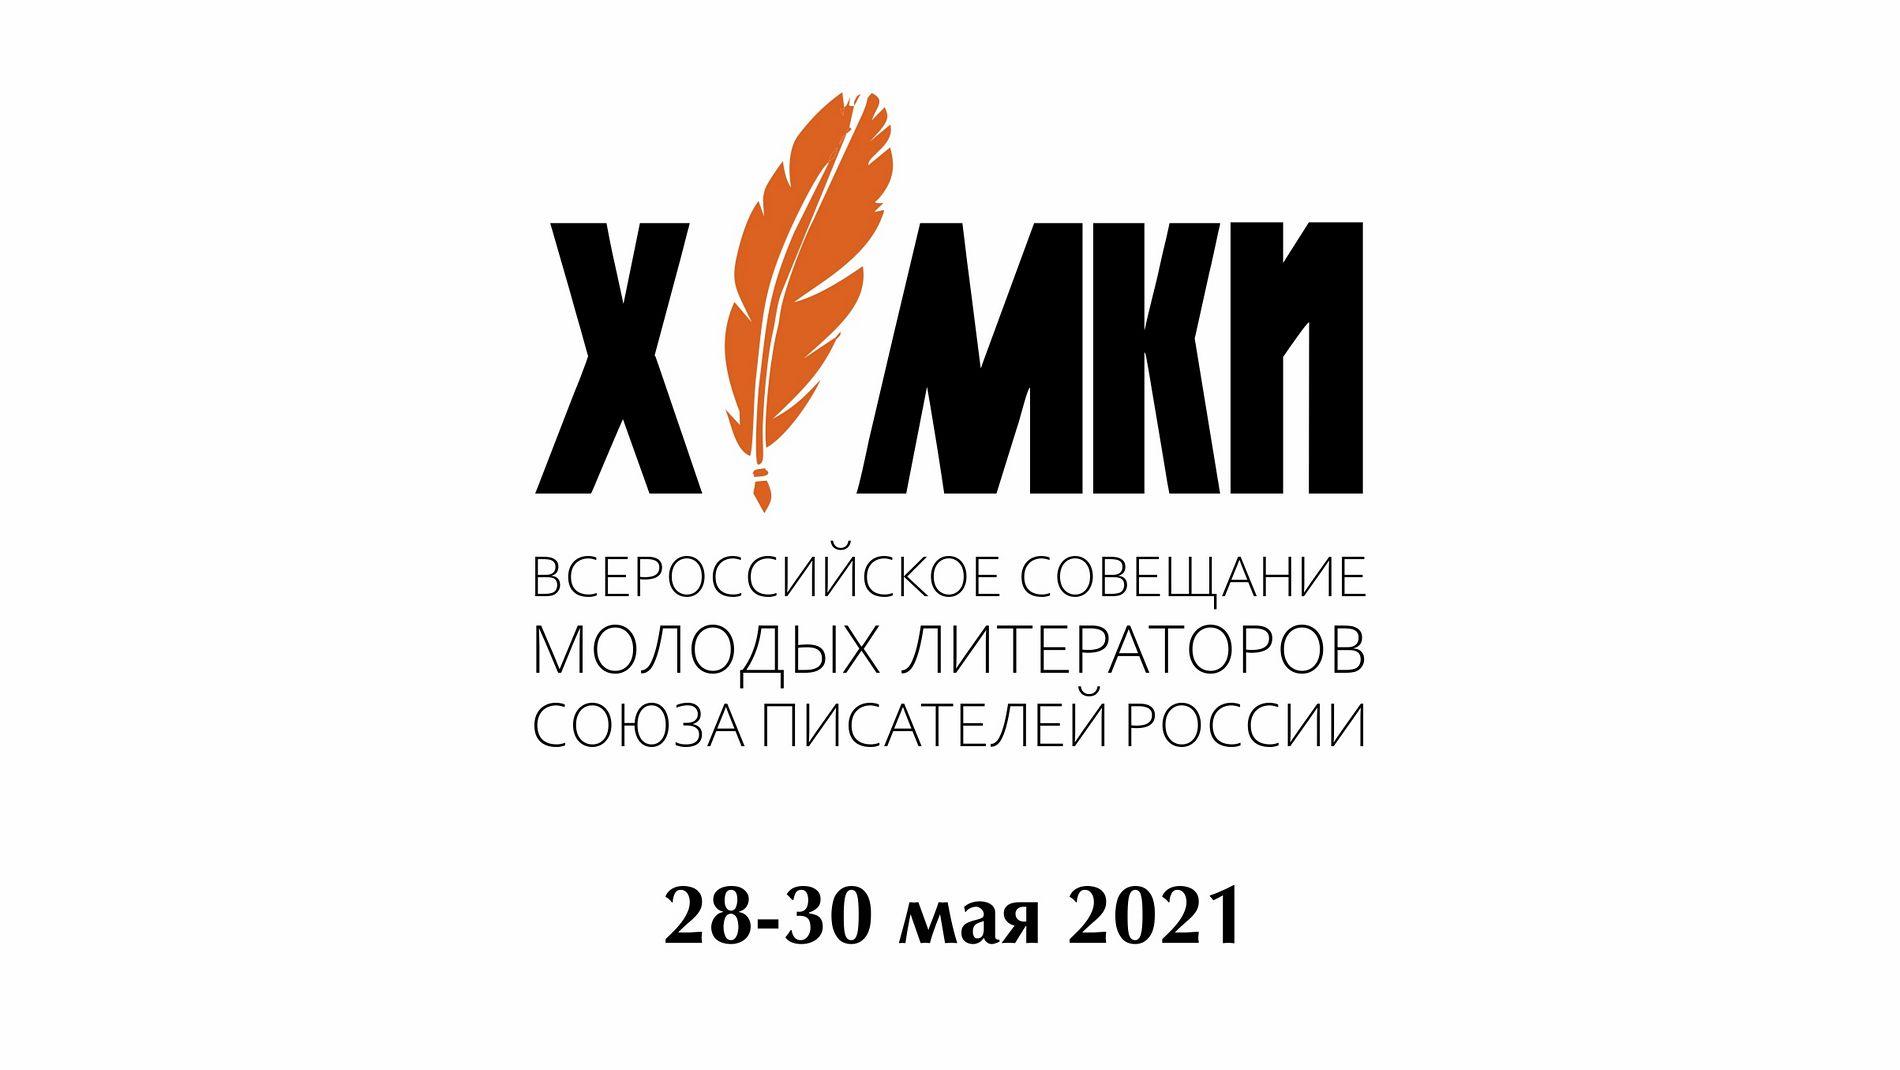 Расписание онлайн-трансляций Совещания в Химках